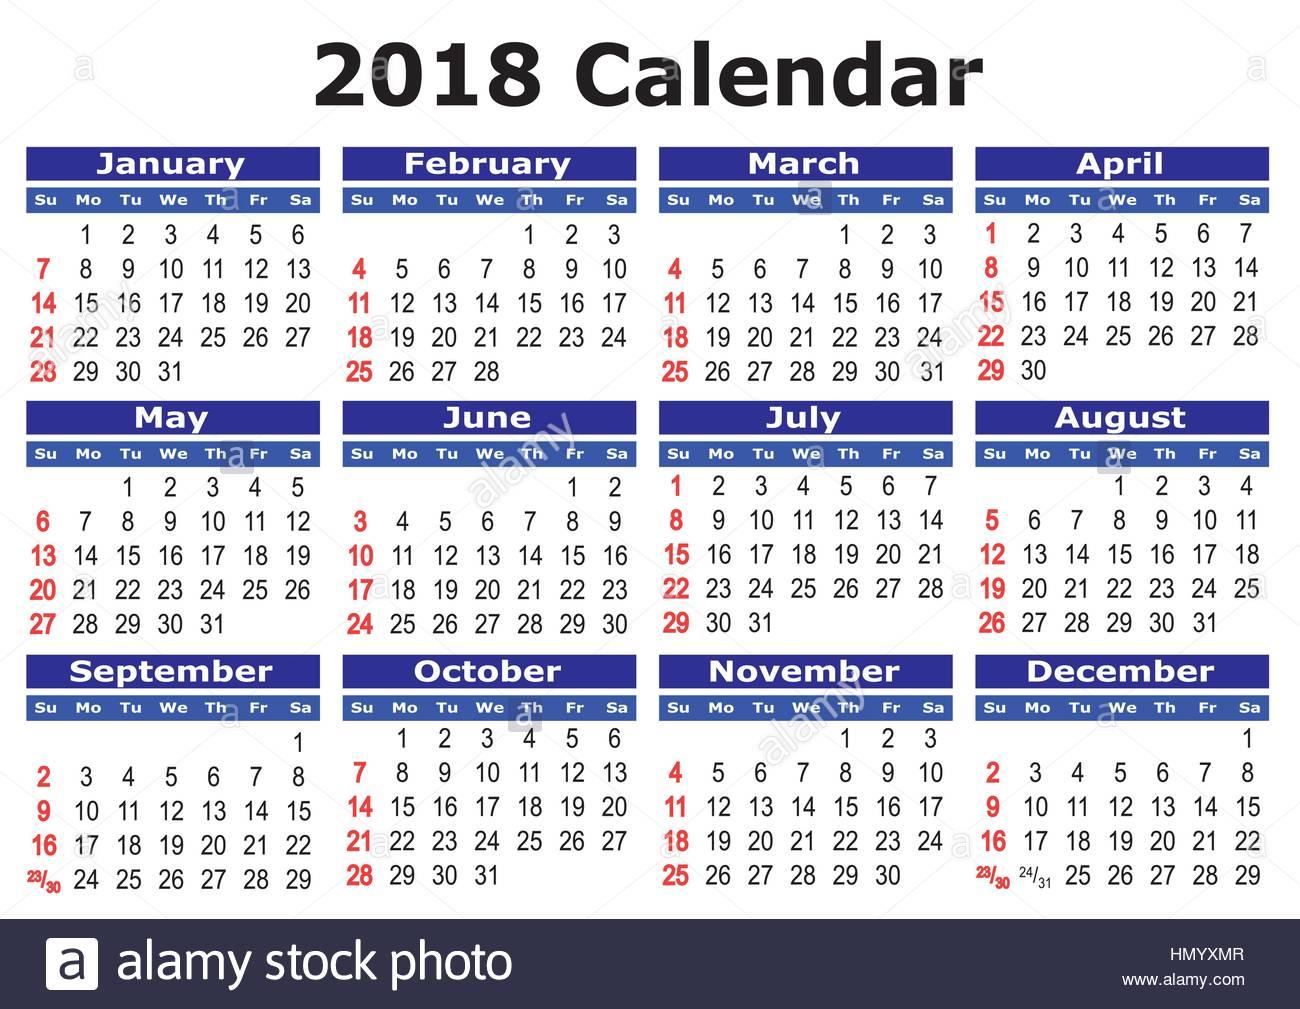 2018 kalender einfachen vektor kalender f r das jahr 2018. Black Bedroom Furniture Sets. Home Design Ideas